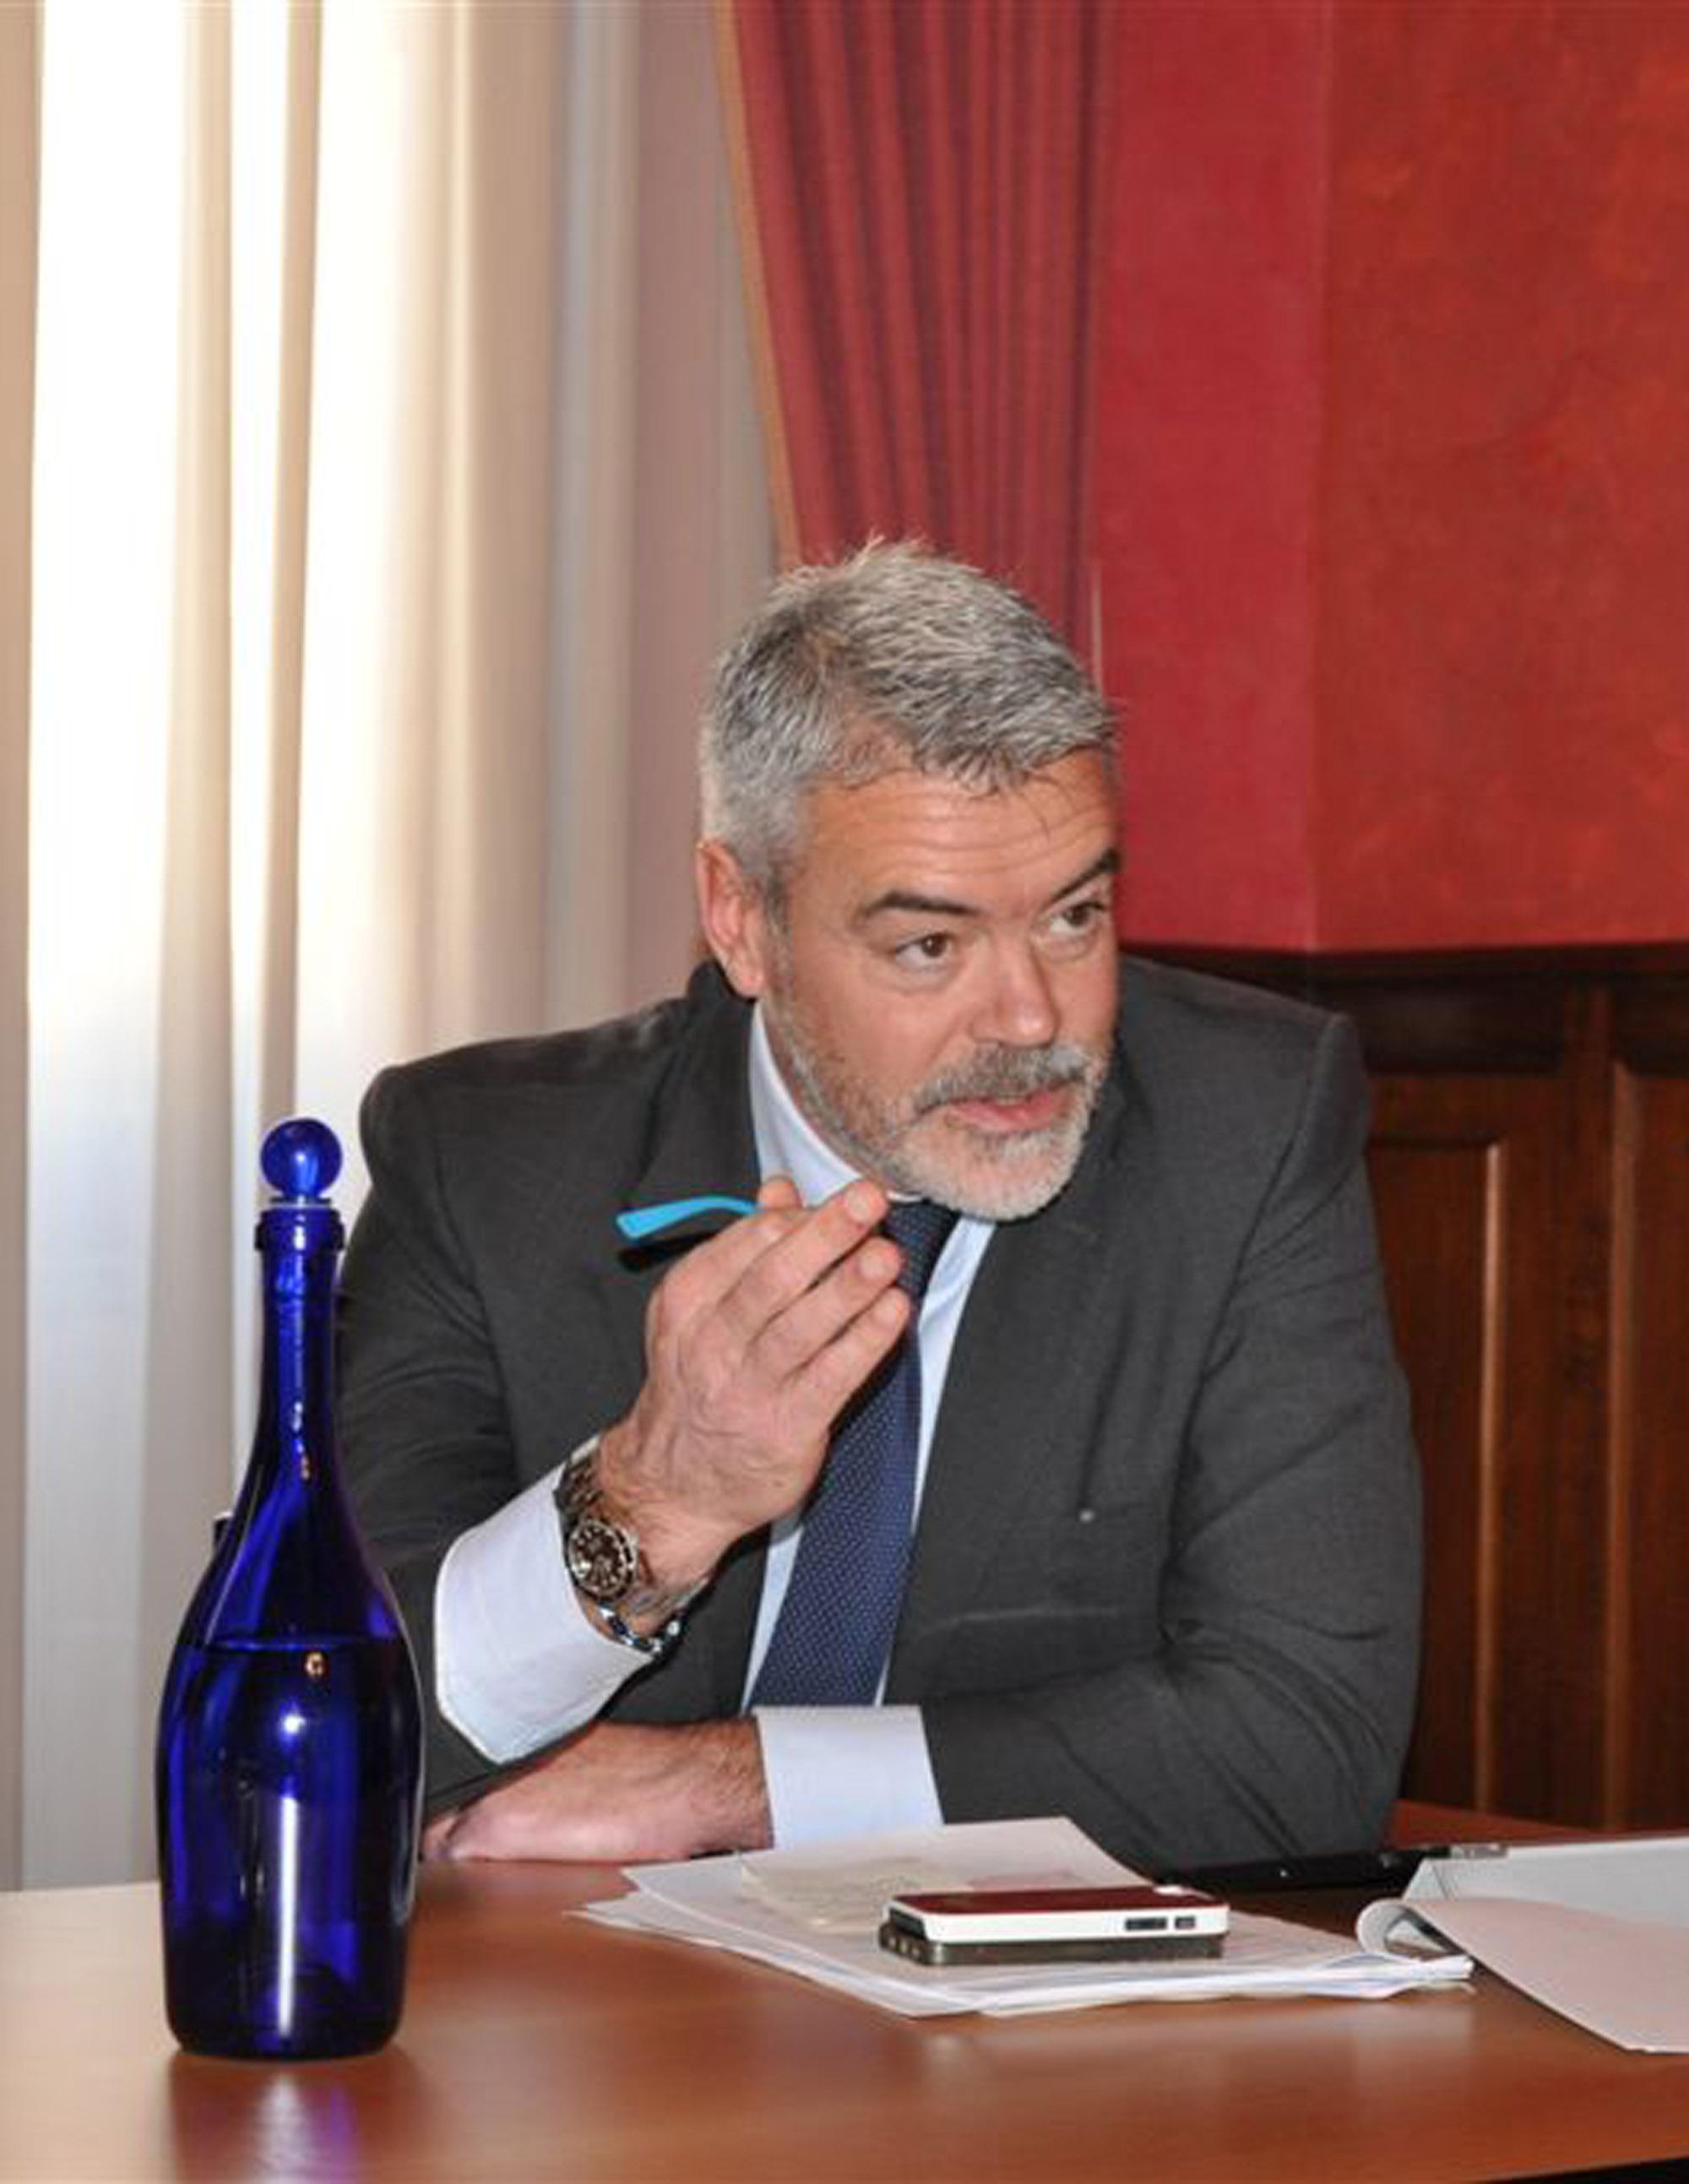 """Paolo Panontin (Assessore regionale Funzione pubblica) alla presentazione del Progetto di Open Government """"Go-On-Italia"""", nella sede di rappresentanza della Regione FVG - Roma 11/12/2013"""